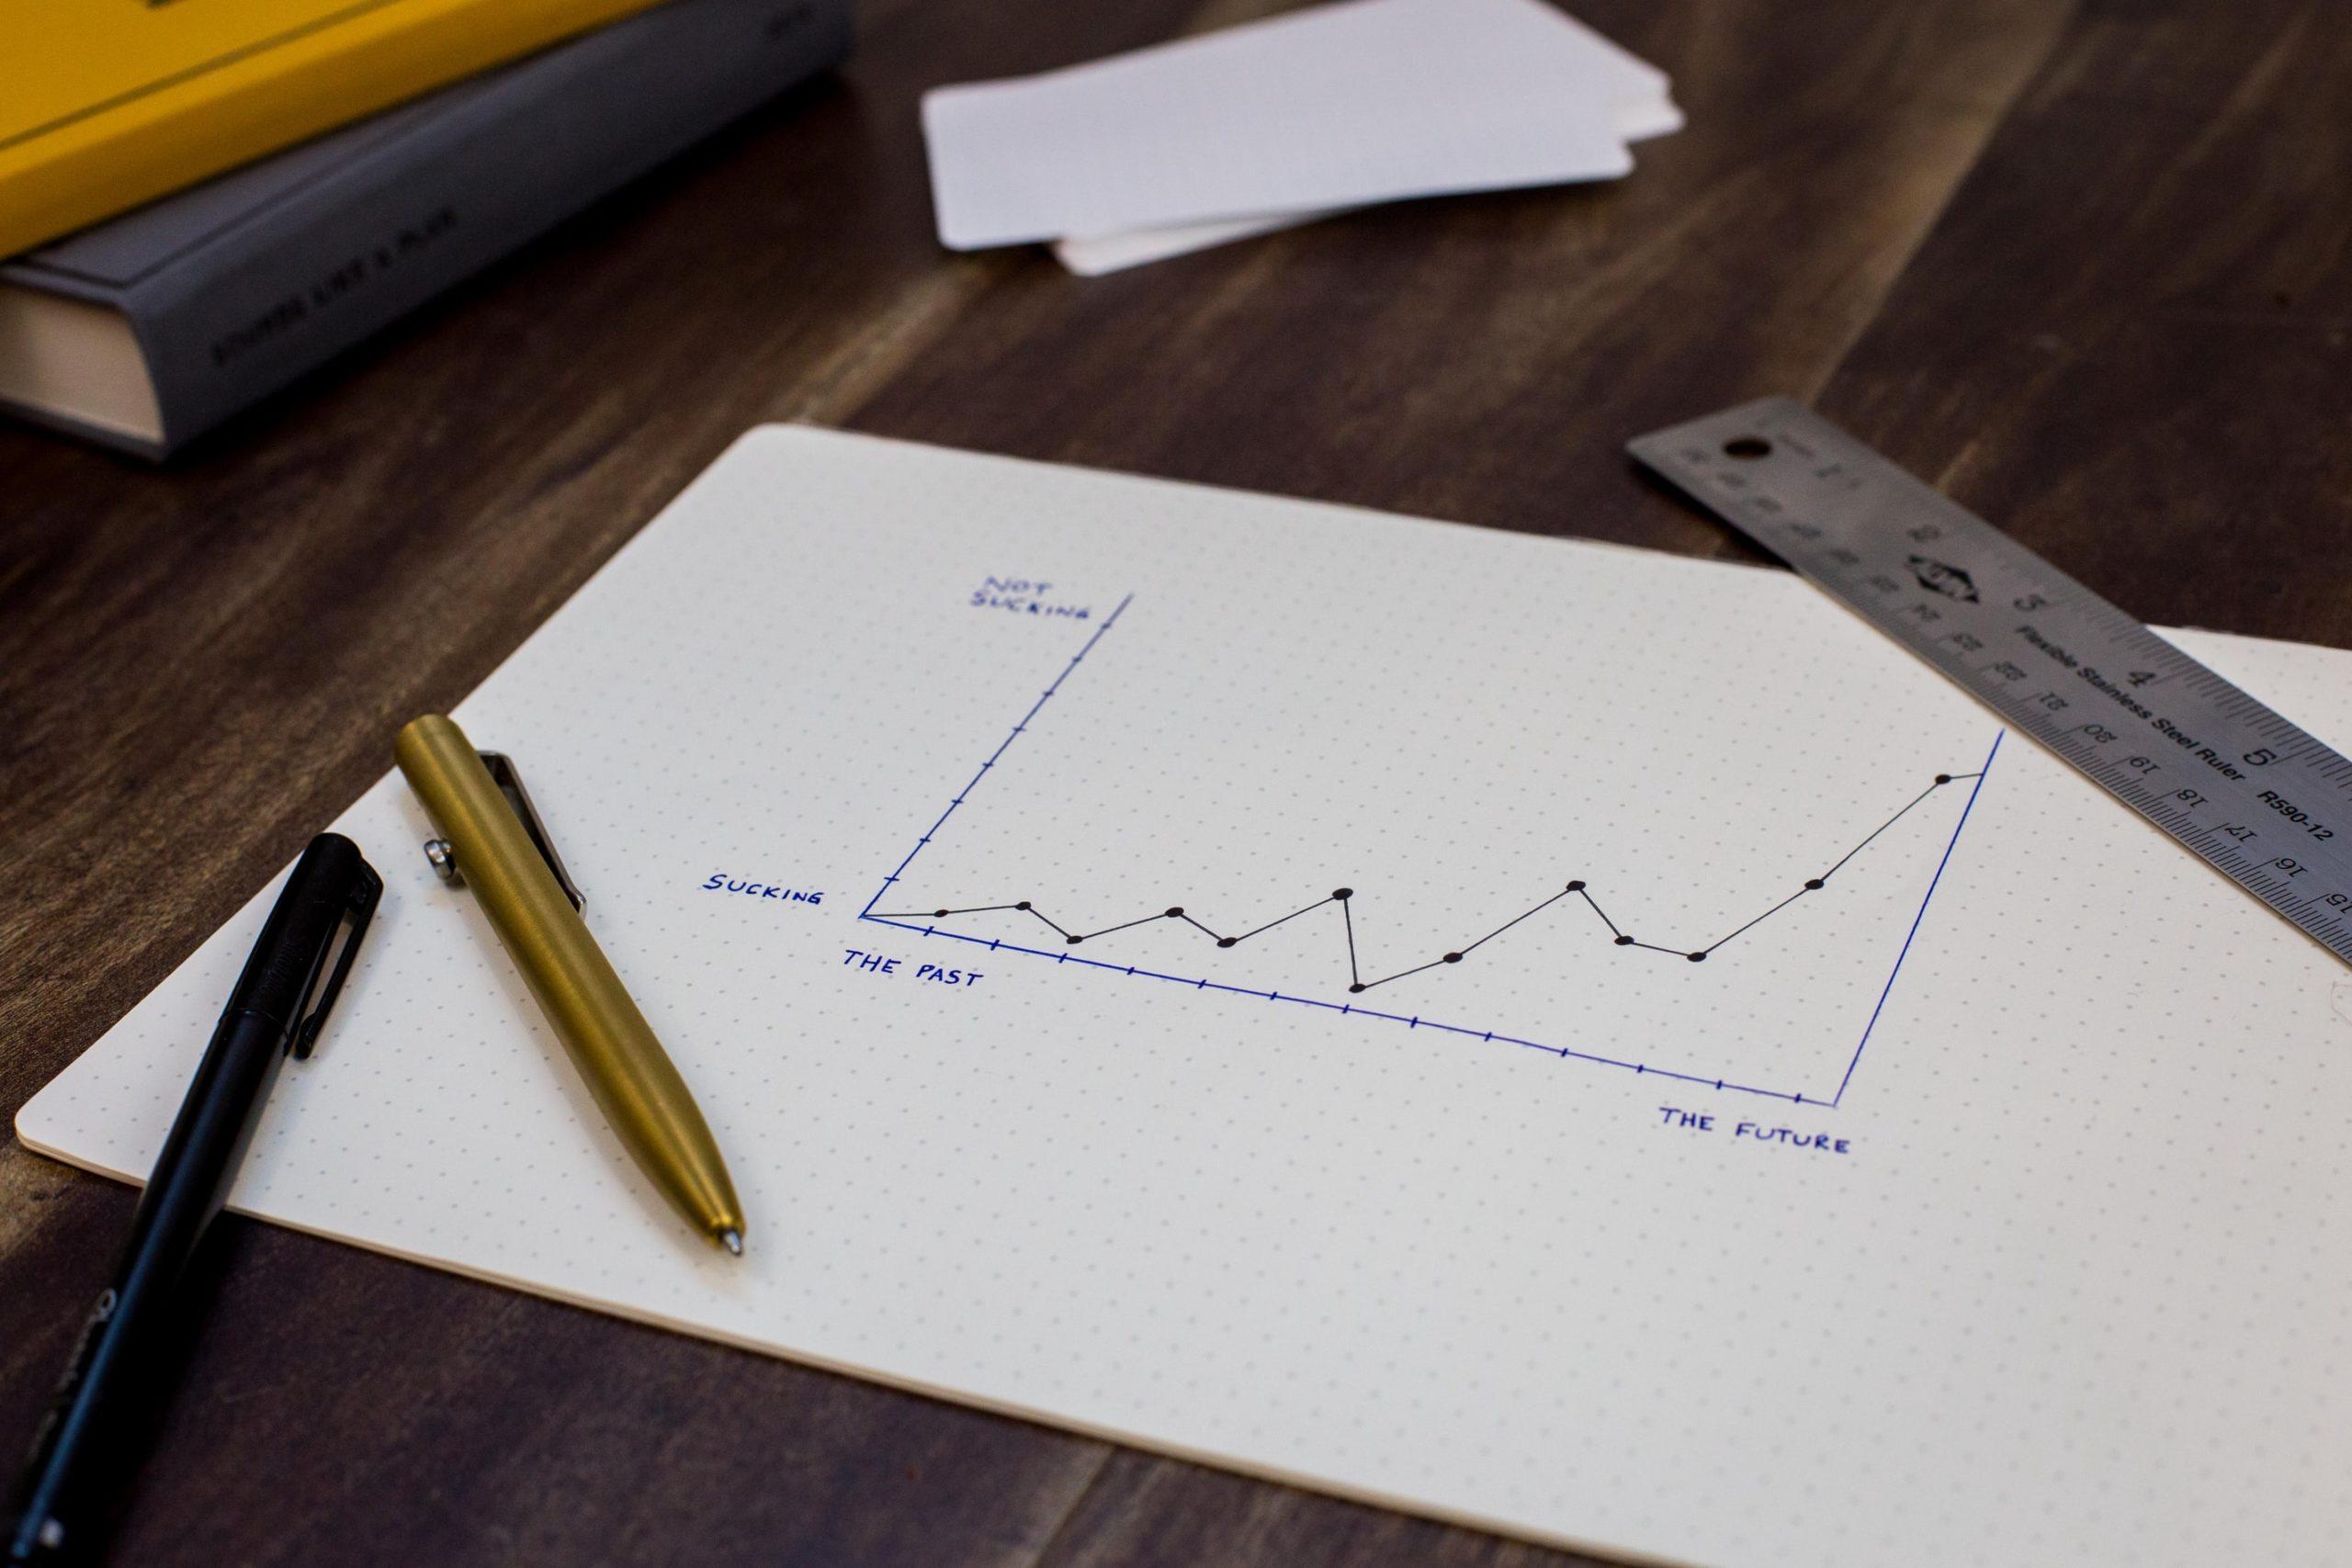 Las estrategias de Marketing Digital más eficaces para una Empresa Industrial